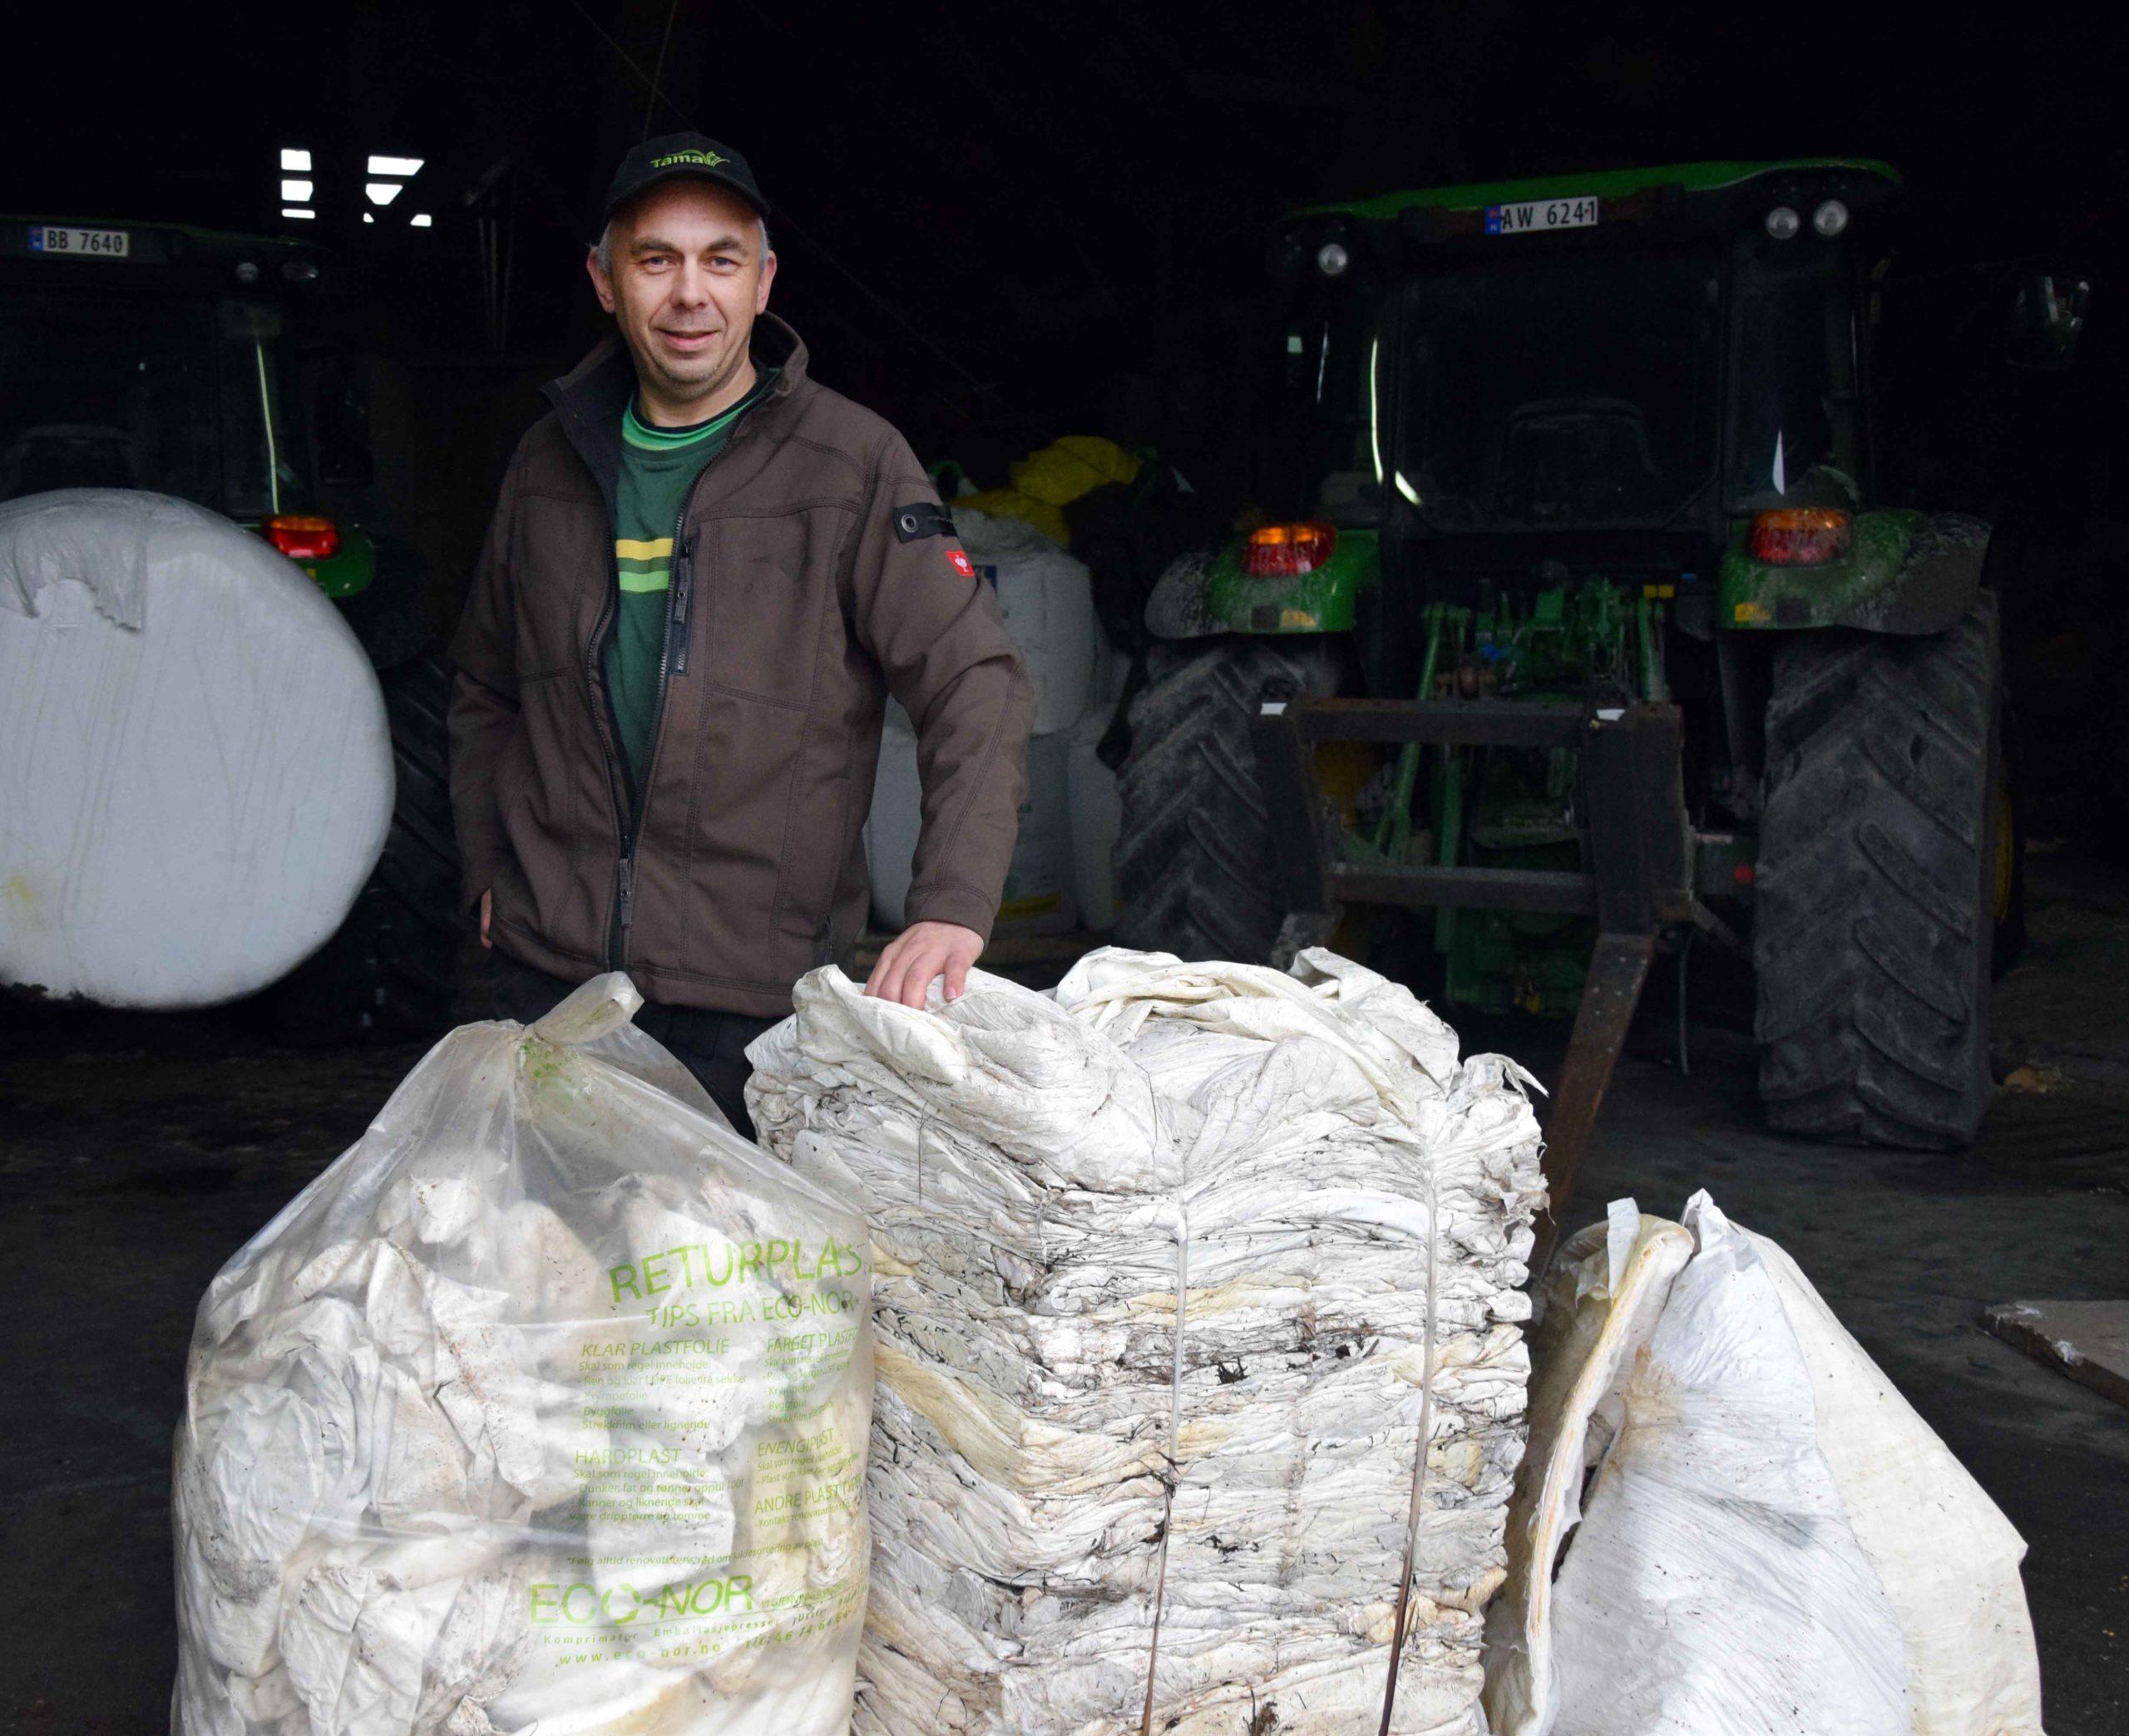 Produktsjef for rundballeplast i Felleskjøpet, Jan Håvard Kingsrød, viser at plast fra 50-60 rundballer blir komprimerer til en 80 kilos firkant med emballasjepressa.